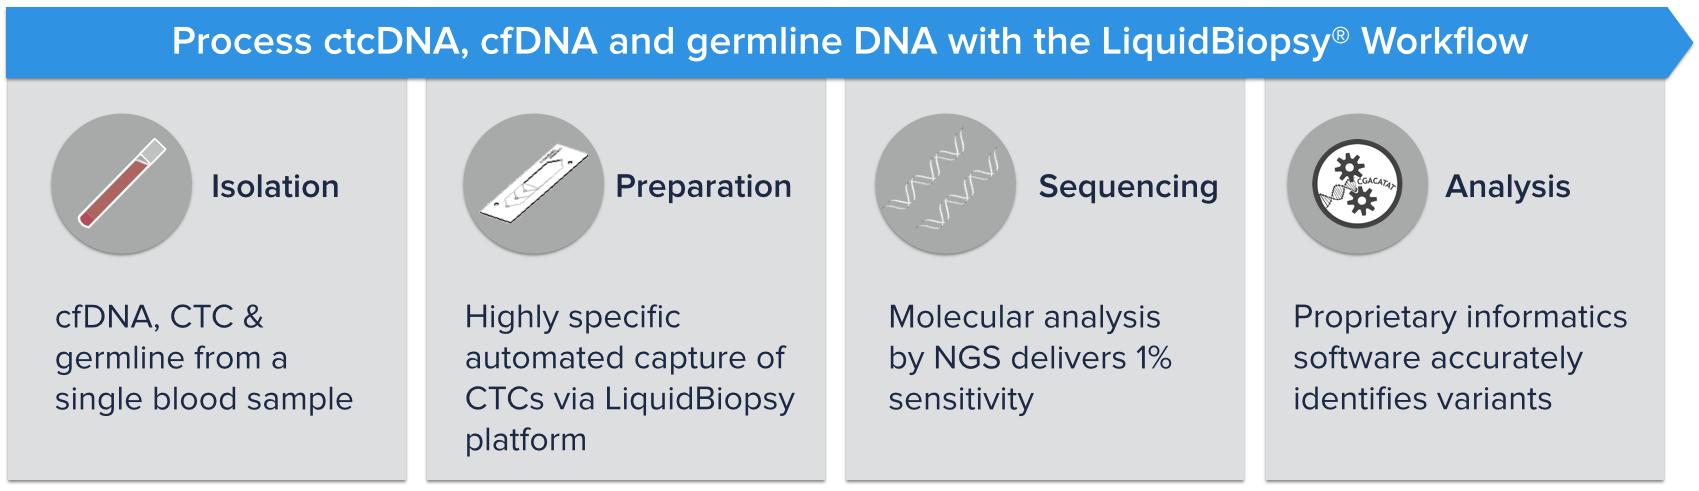 Cynvenio LiquidBiopsy Workflow